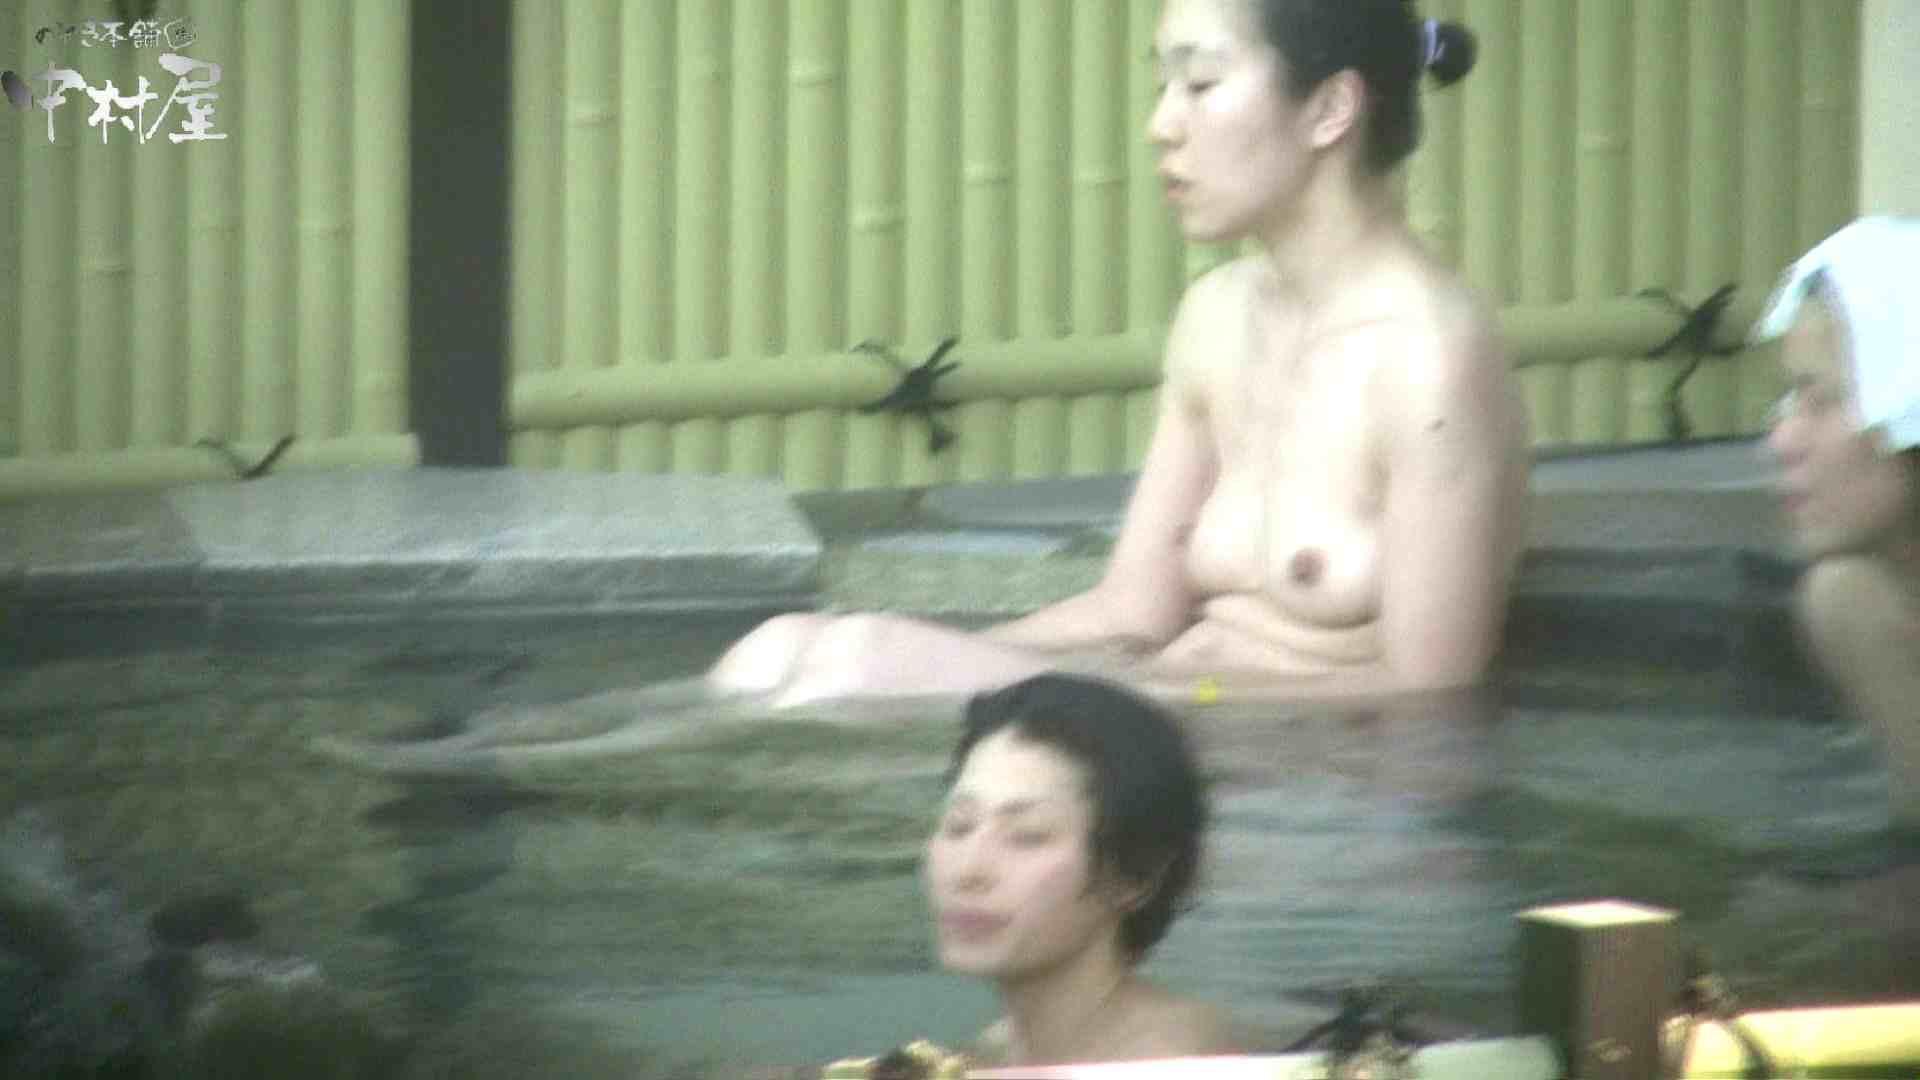 Aquaな露天風呂Vol.970 露天  97画像 93